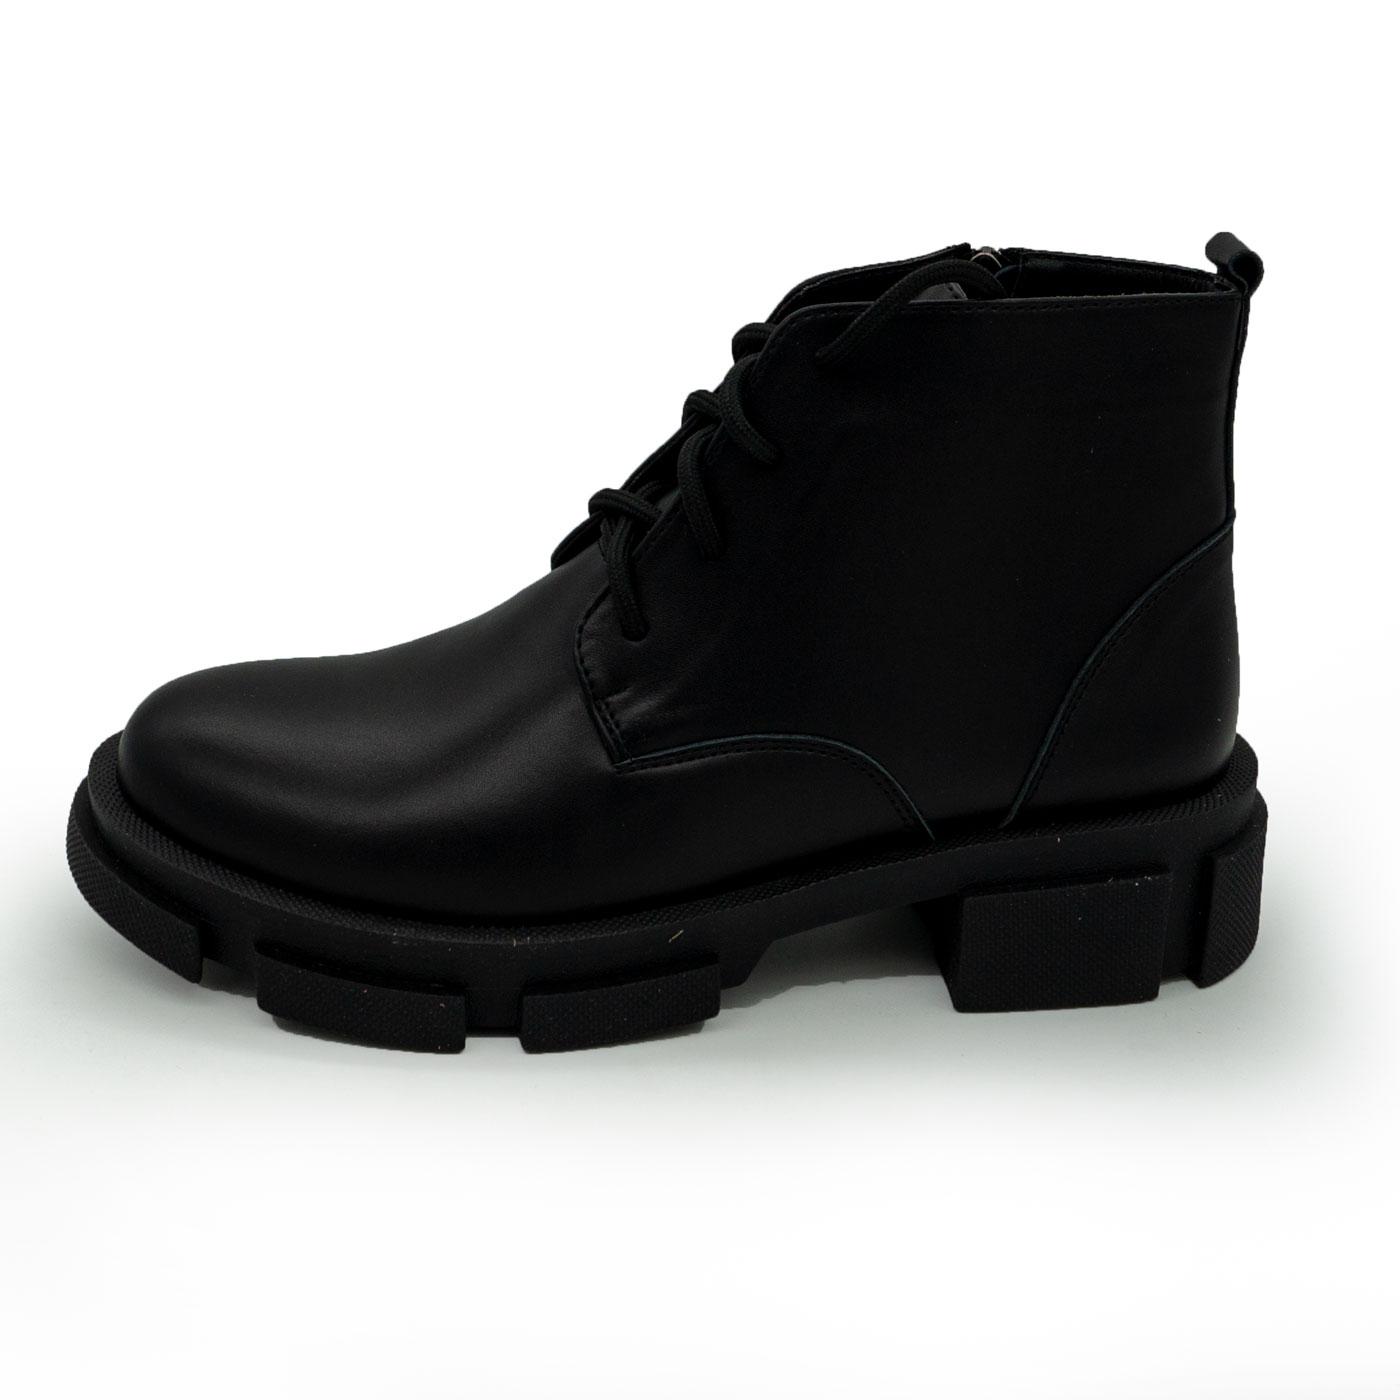 фото main Черные женские туфли Dr. Martens chelsea, натуральная кожа 100 main